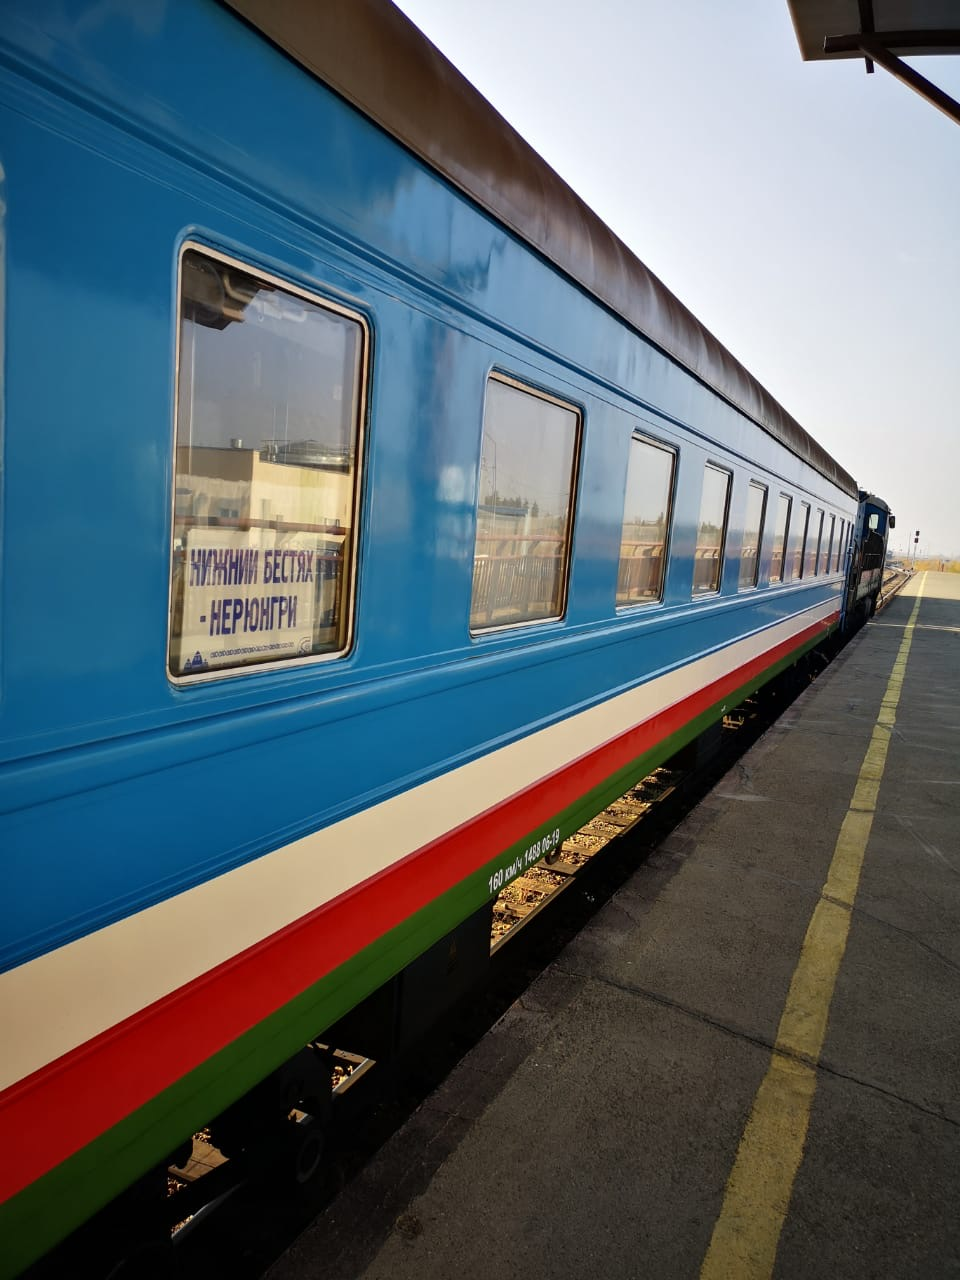 Жительница Благовещенска  поблагодарила Акционерную компанию «Железные дороги Якутии»  за приятную поездку